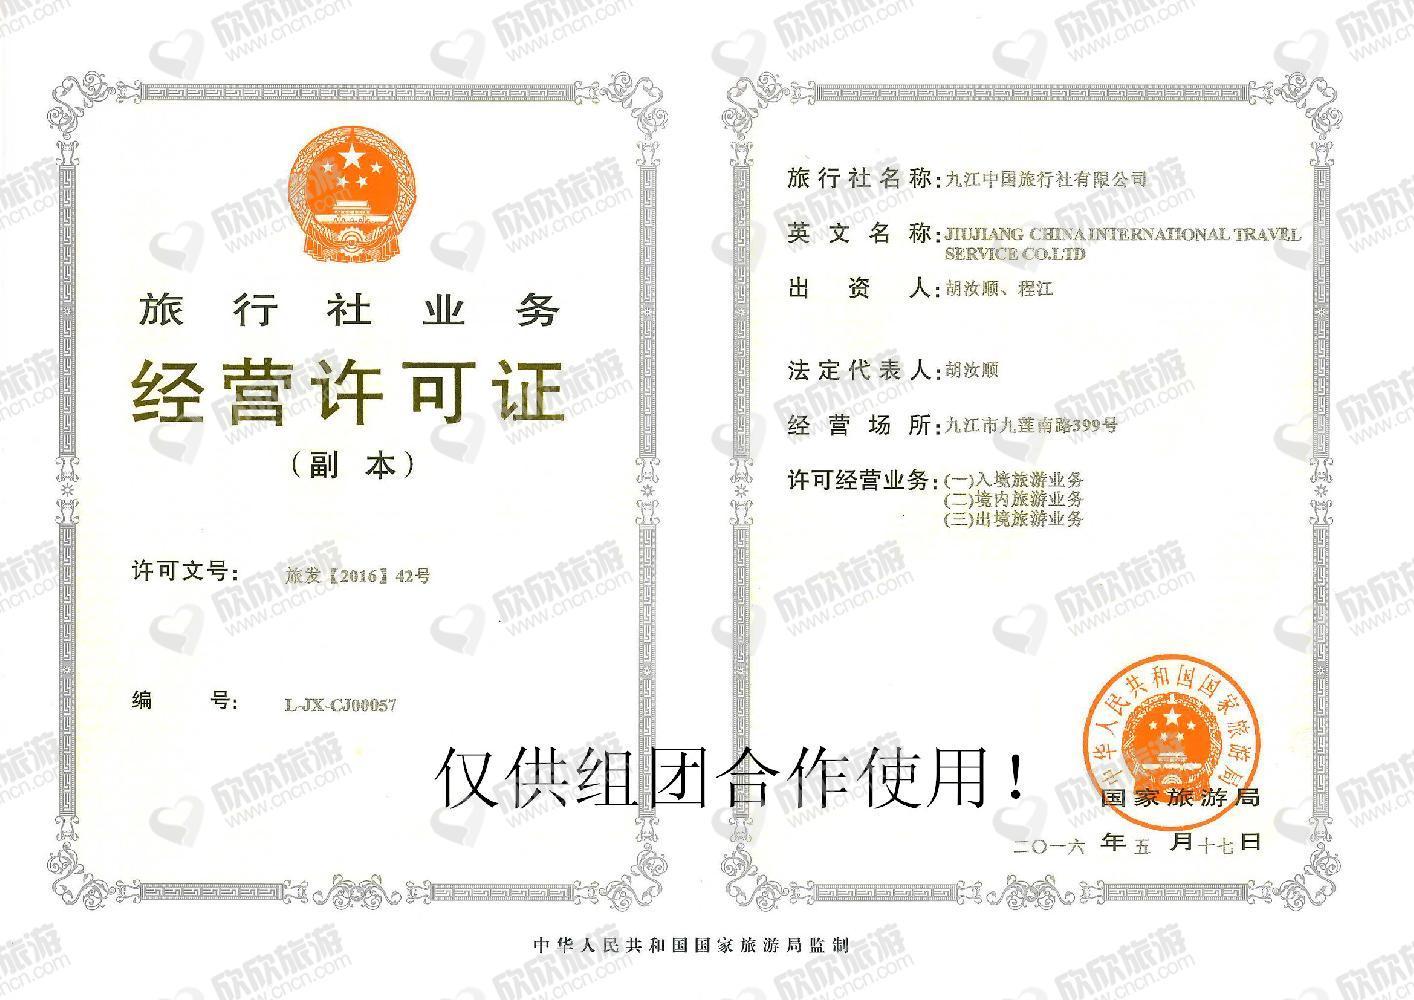 九江中国旅行社有限公司经营许可证